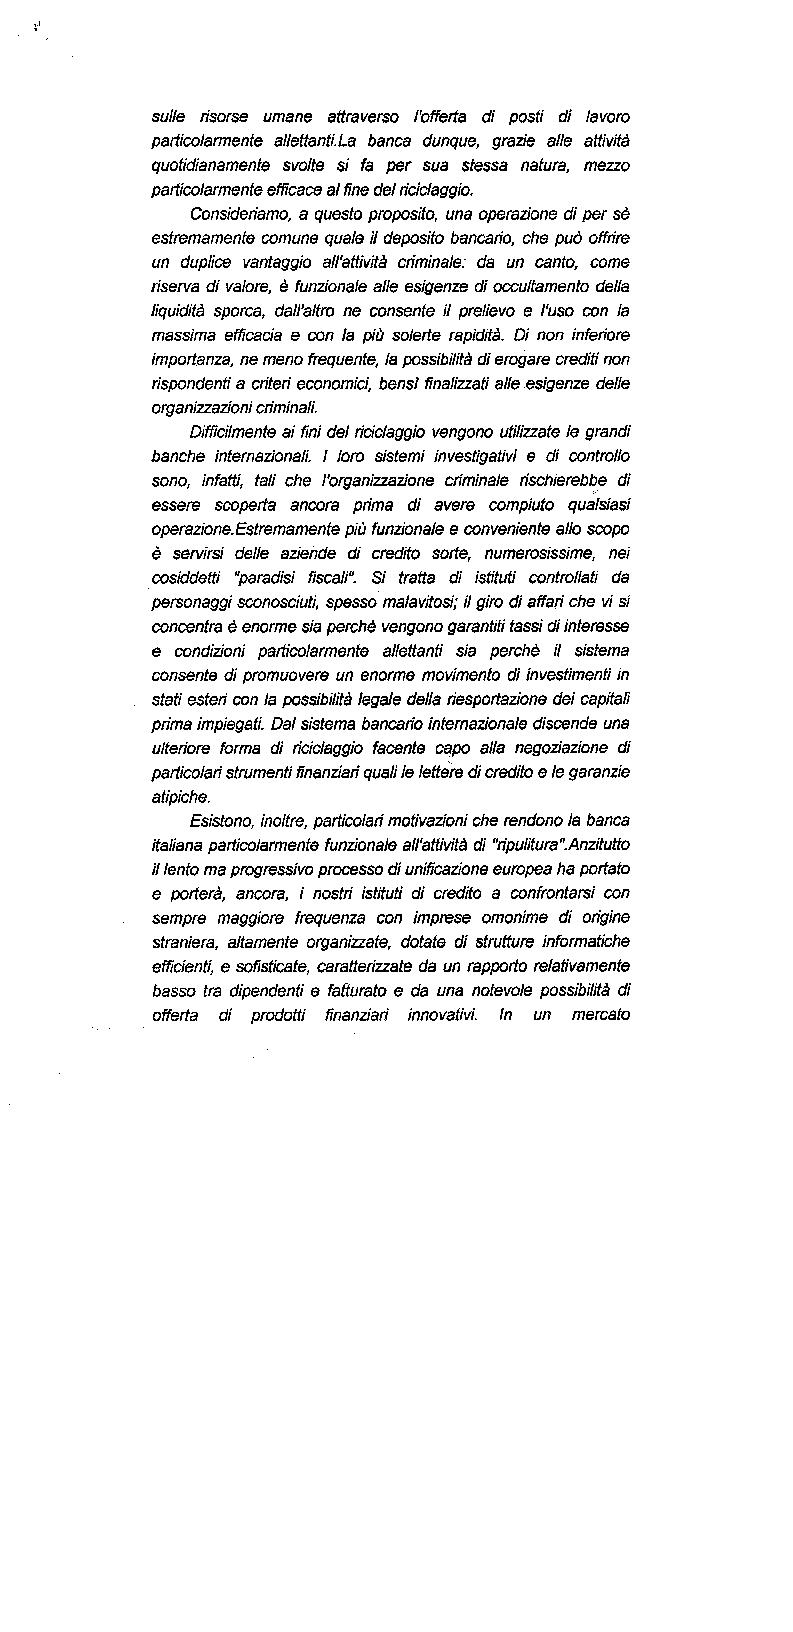 Anteprima della tesi: Il riciclaggio di proventi illeciti nel sistema finanziario contemporaneo, Pagina 4